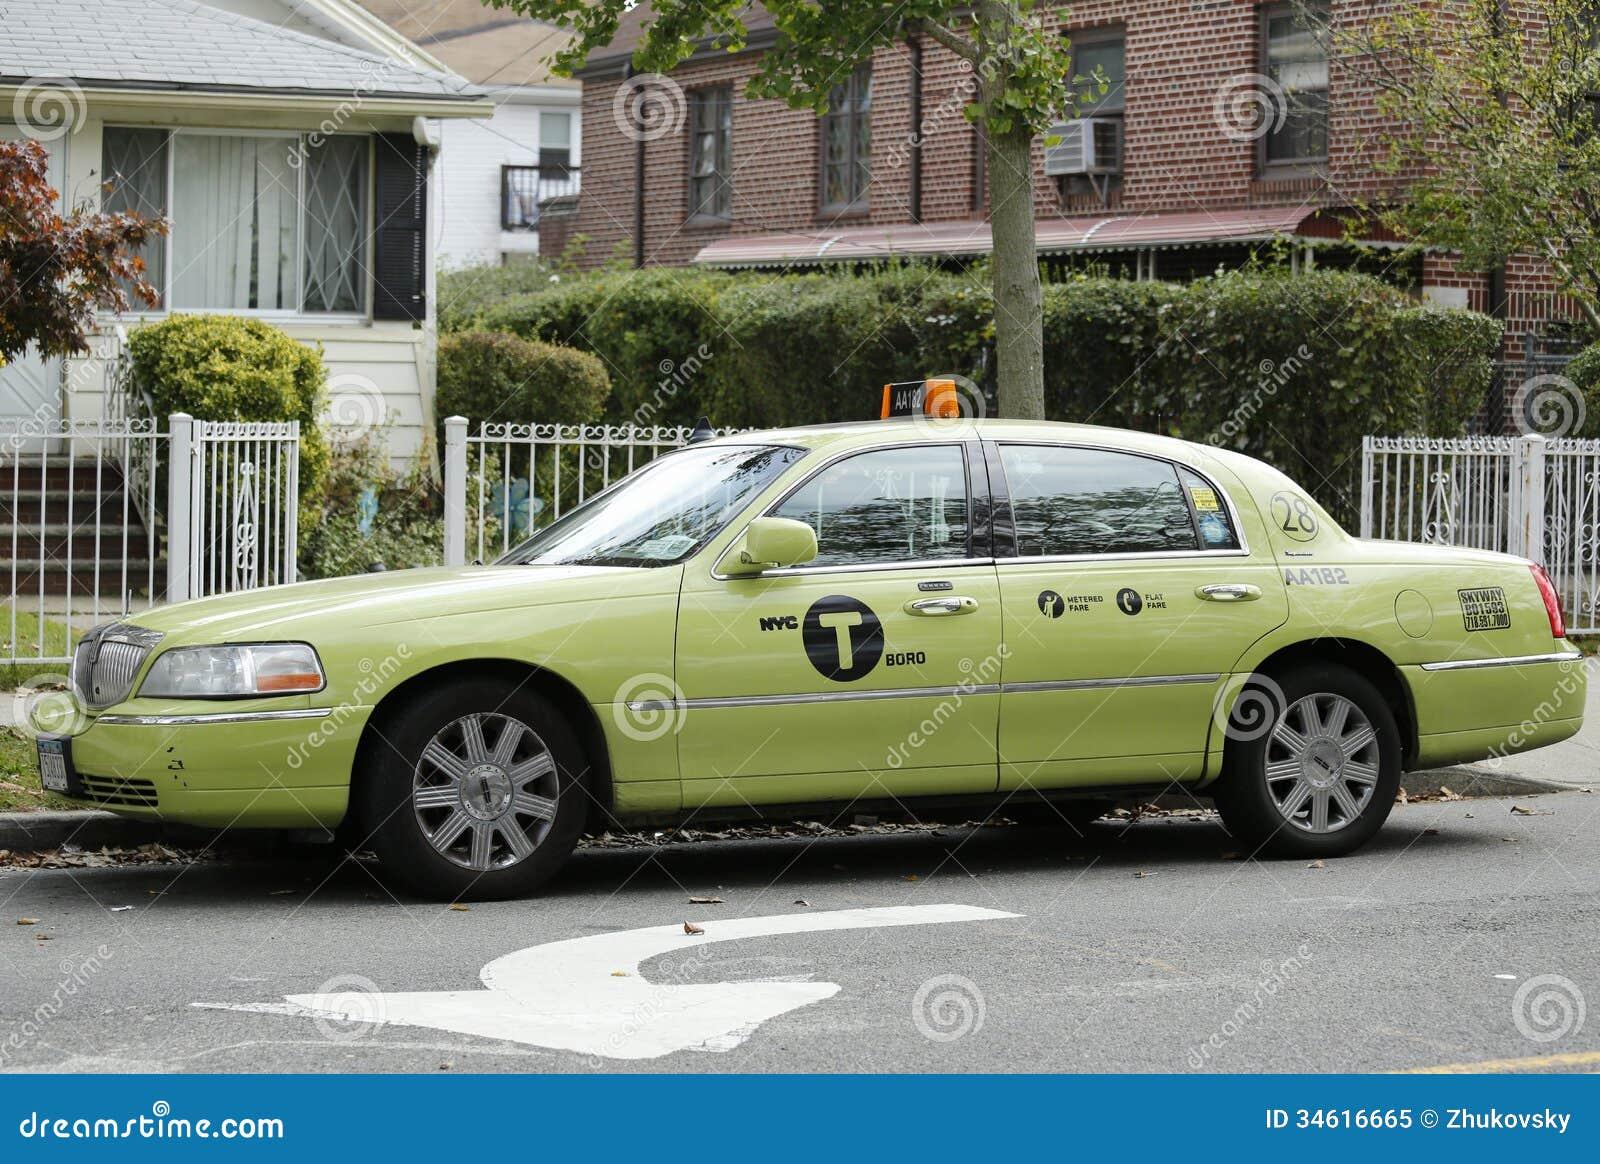 nouveau taxi de couleur verte de boro new york image ditorial image 34616665. Black Bedroom Furniture Sets. Home Design Ideas